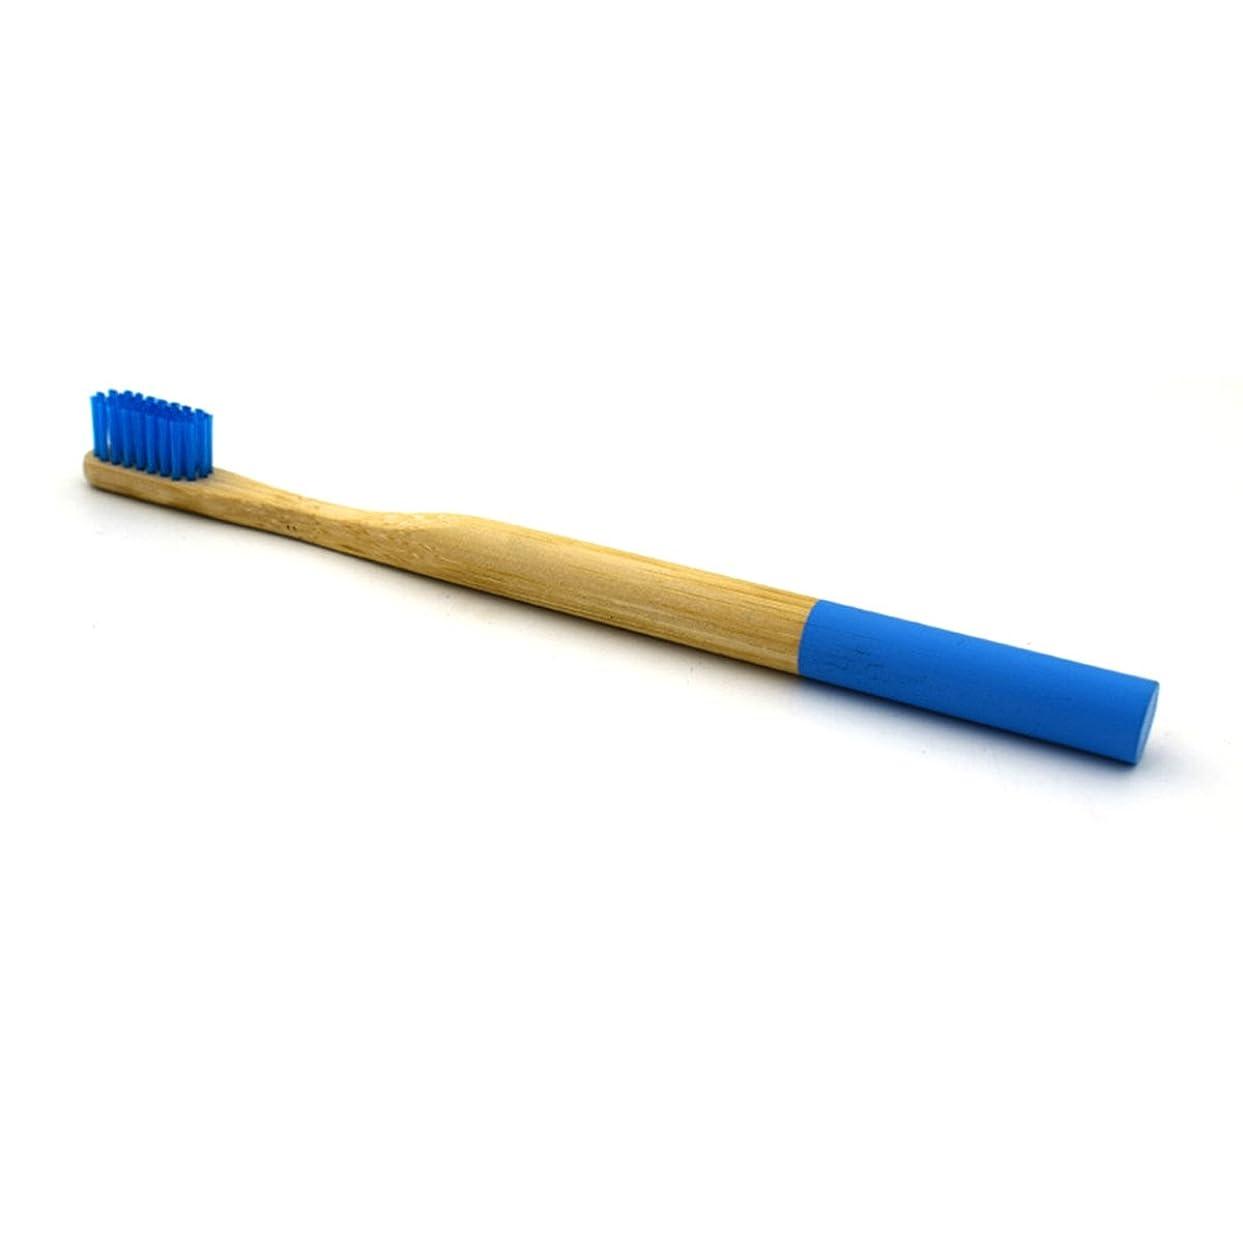 リスナー反対着替えるHEALLILY 円形のハンドルのEcoの友好的で柔らかい剛毛の歯ブラシが付いている2 PCS自然なタケ歯ブラシ